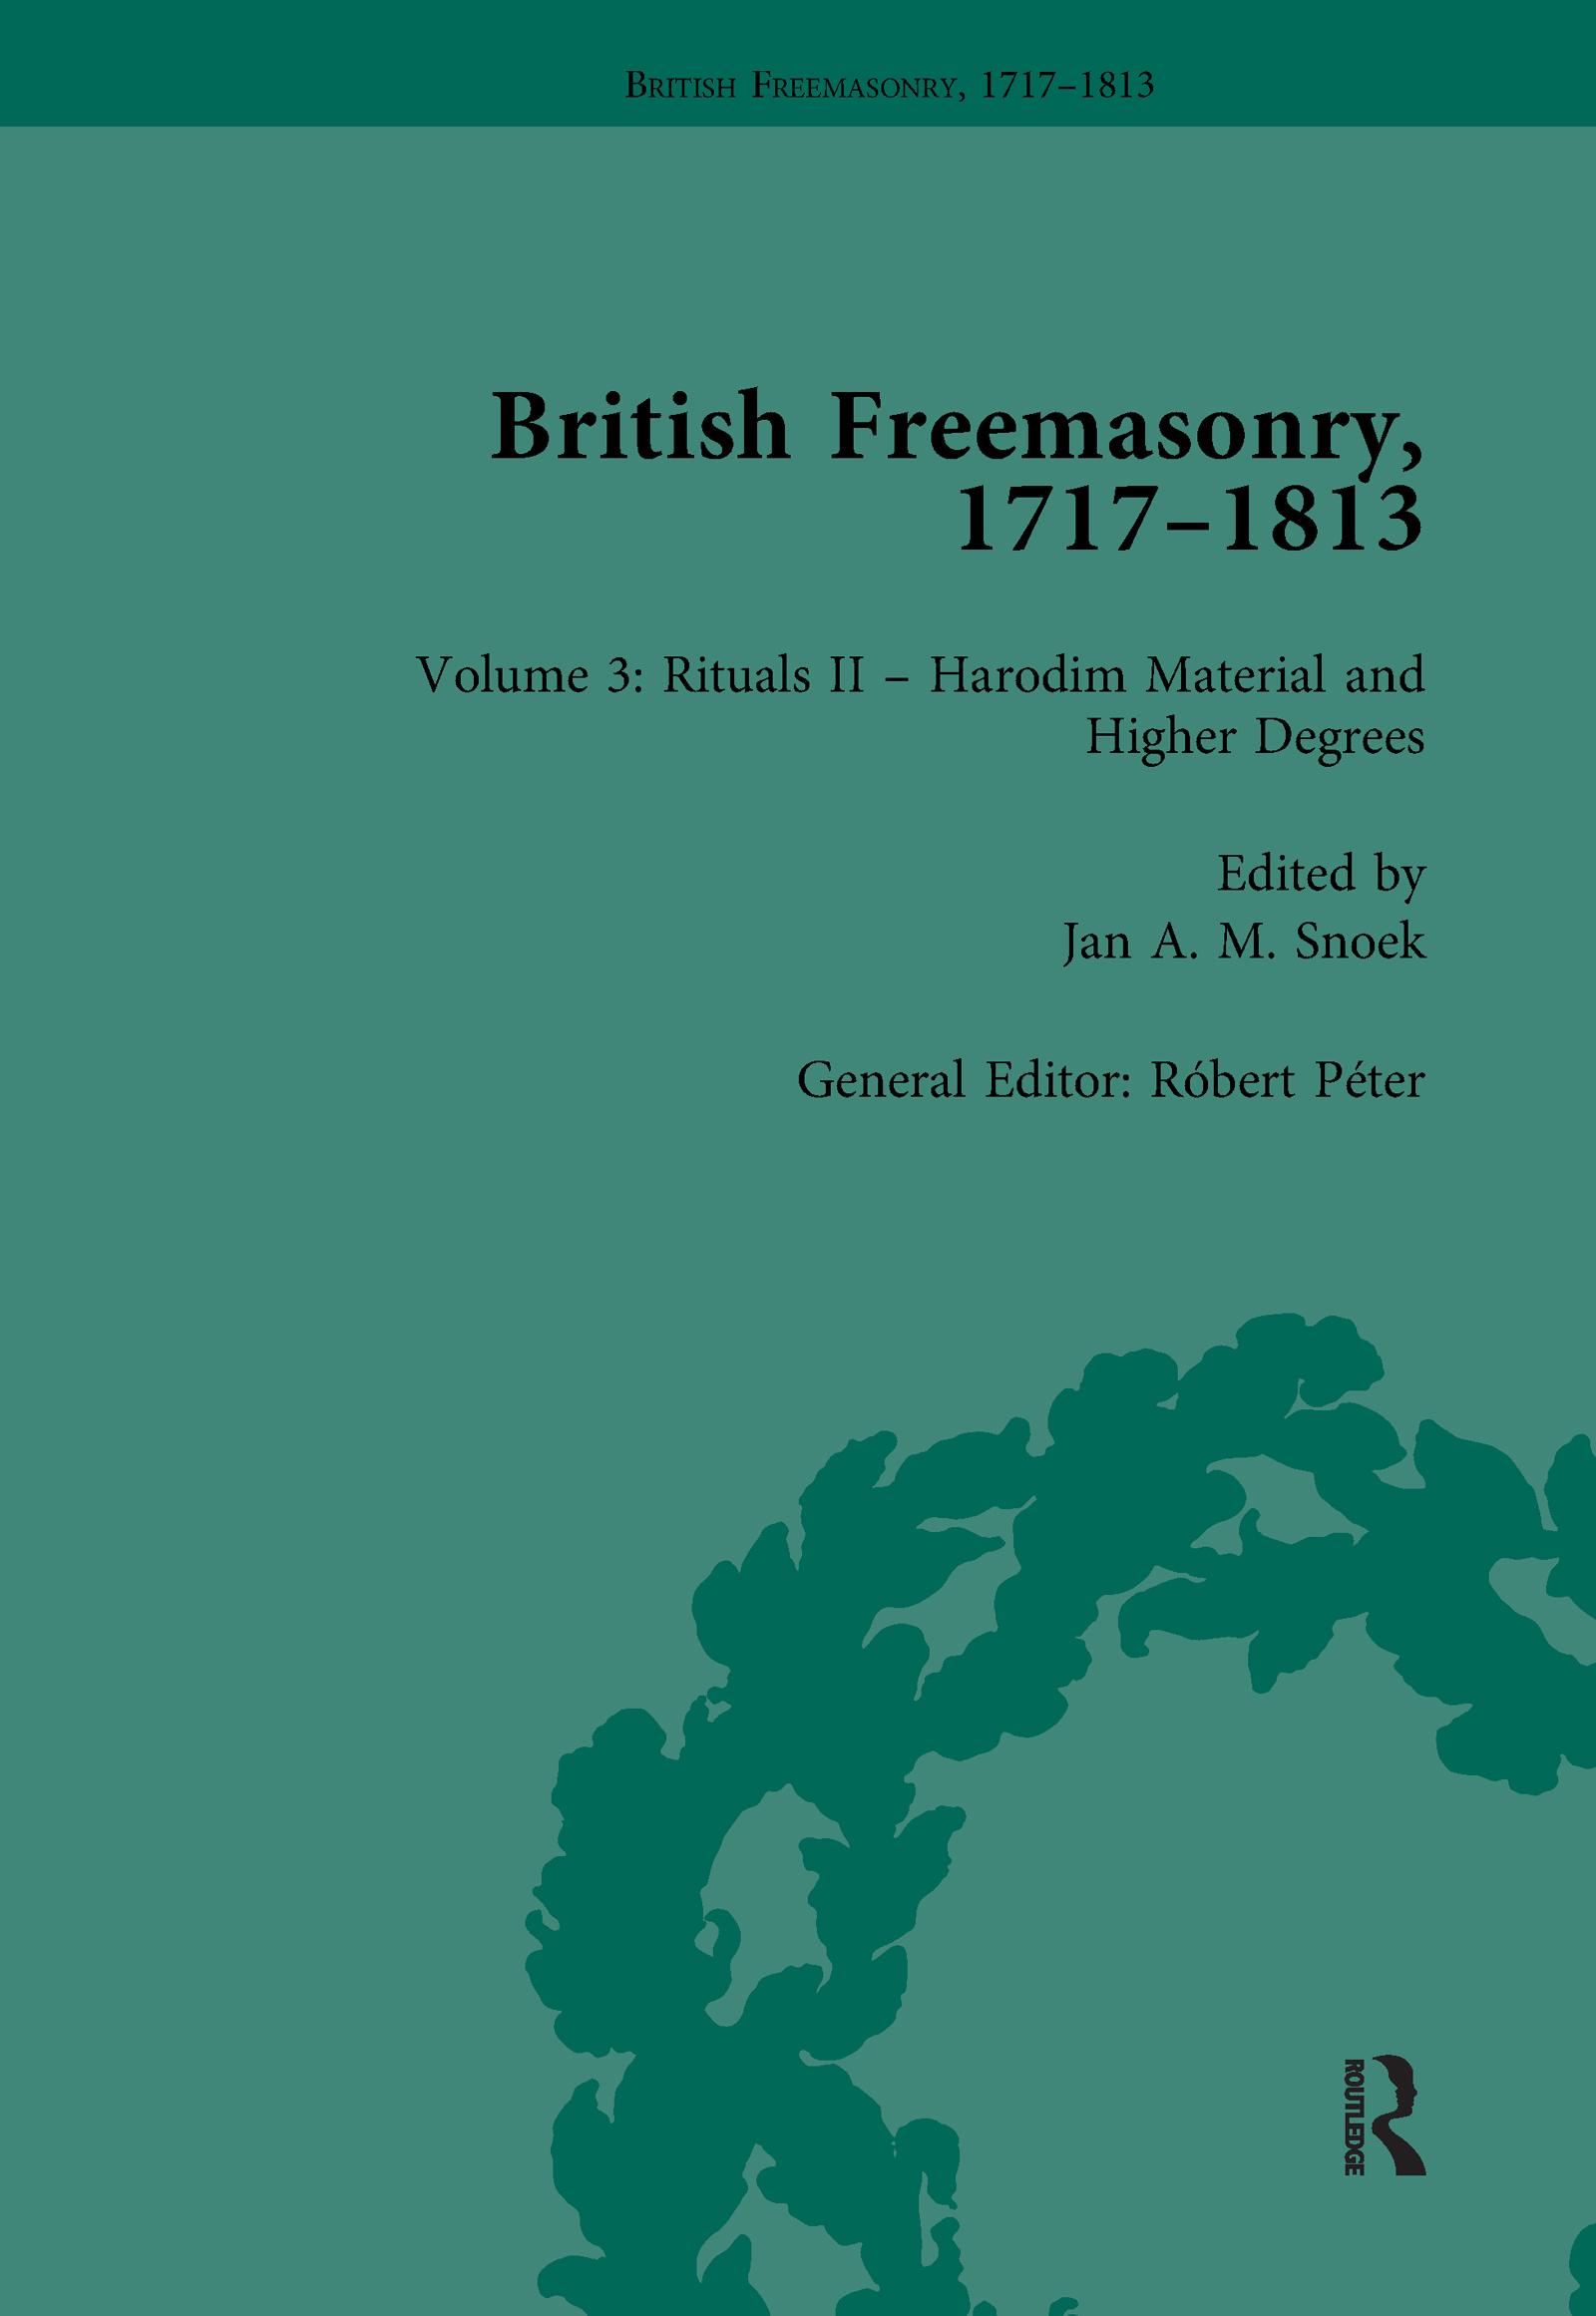 British Freemasonry, 1717–1813 Volume 3